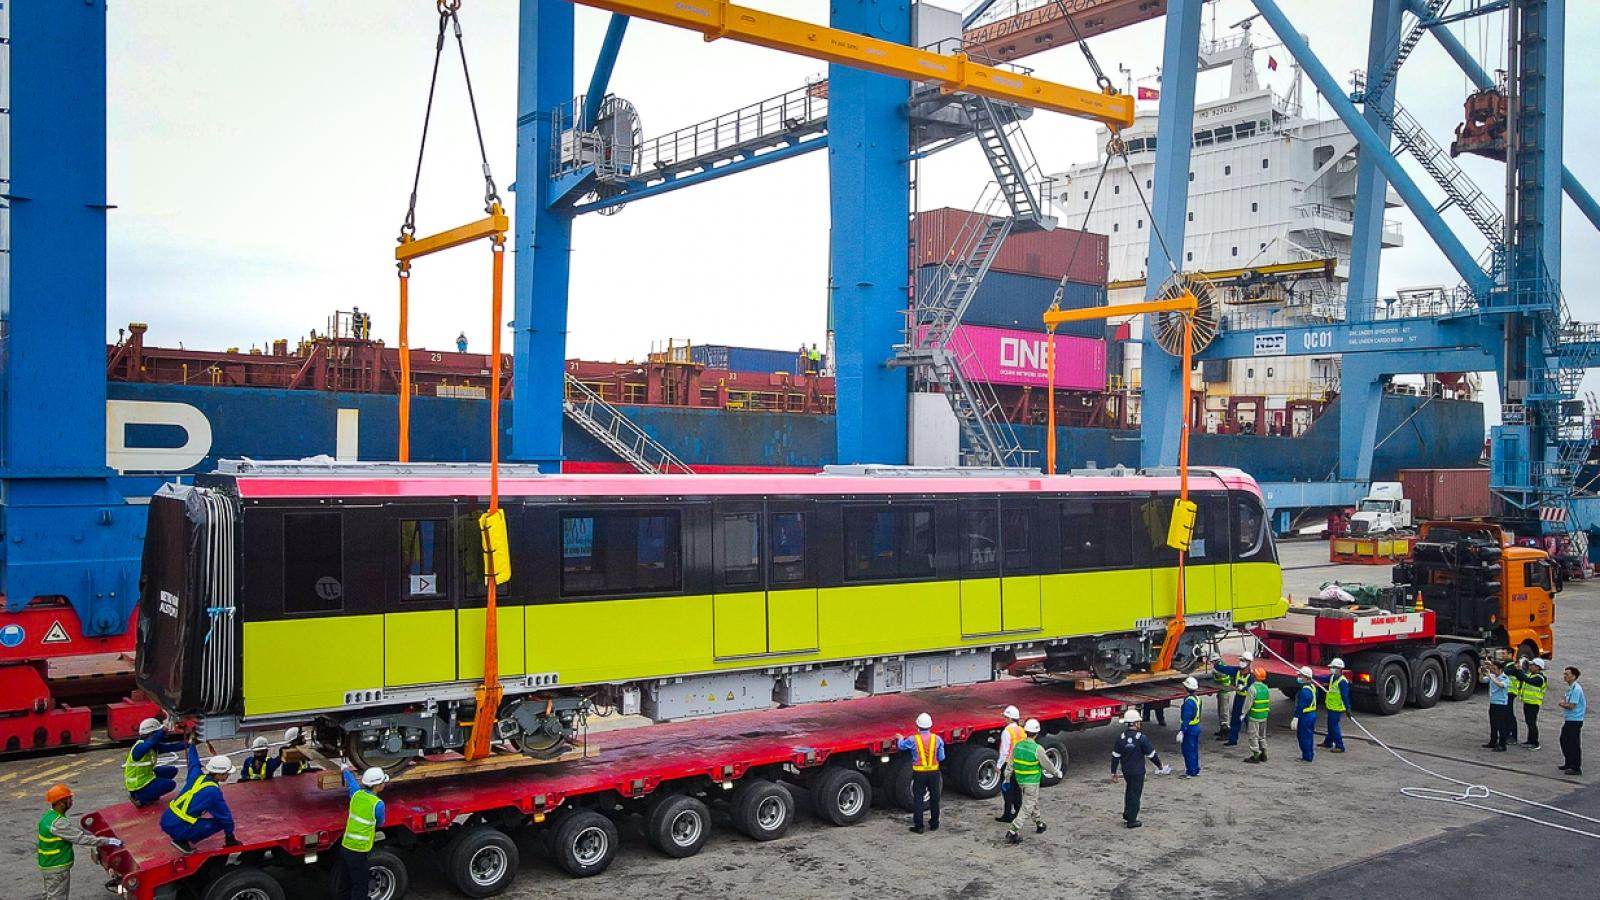 Bốn đoàn tàu Nhổn - Ga Hà Nội bắt đầu hành trình từ Hải Phòng về Hà Nội